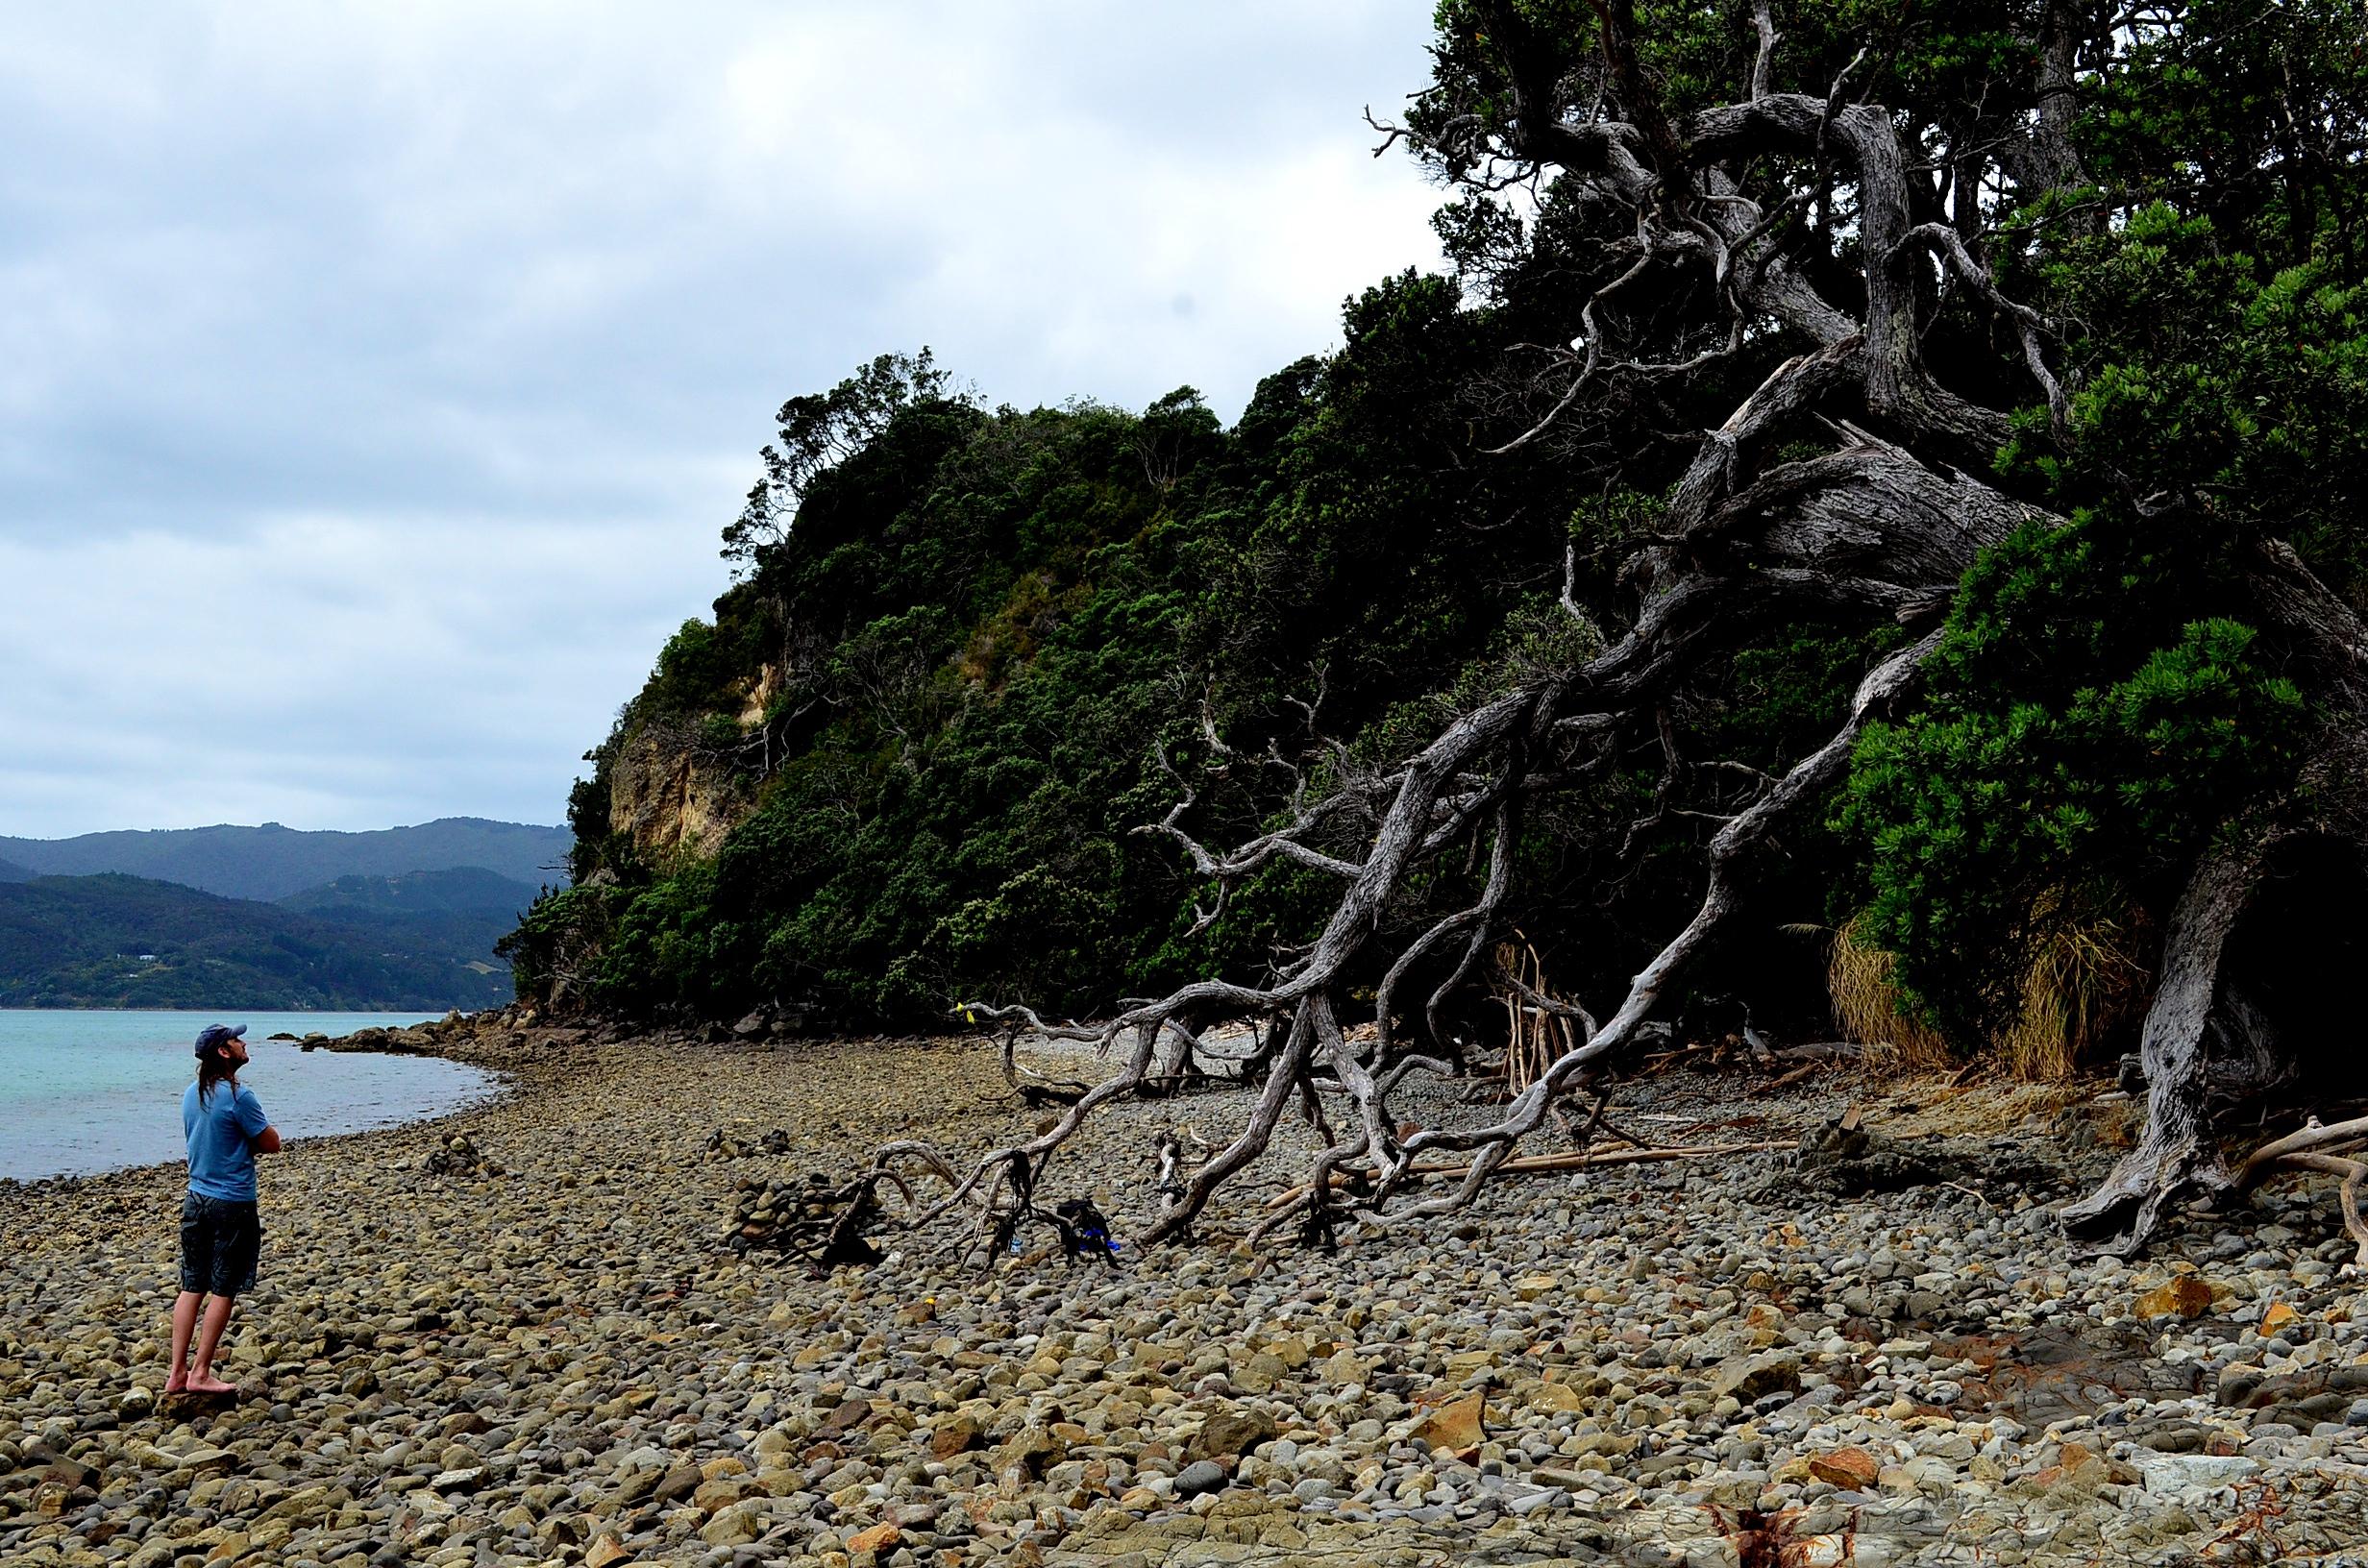 Ufficio Visti Nuova Zelanda : Sfatando alcuni miti sul lavorare in nuova zelanda u2013 exploremore